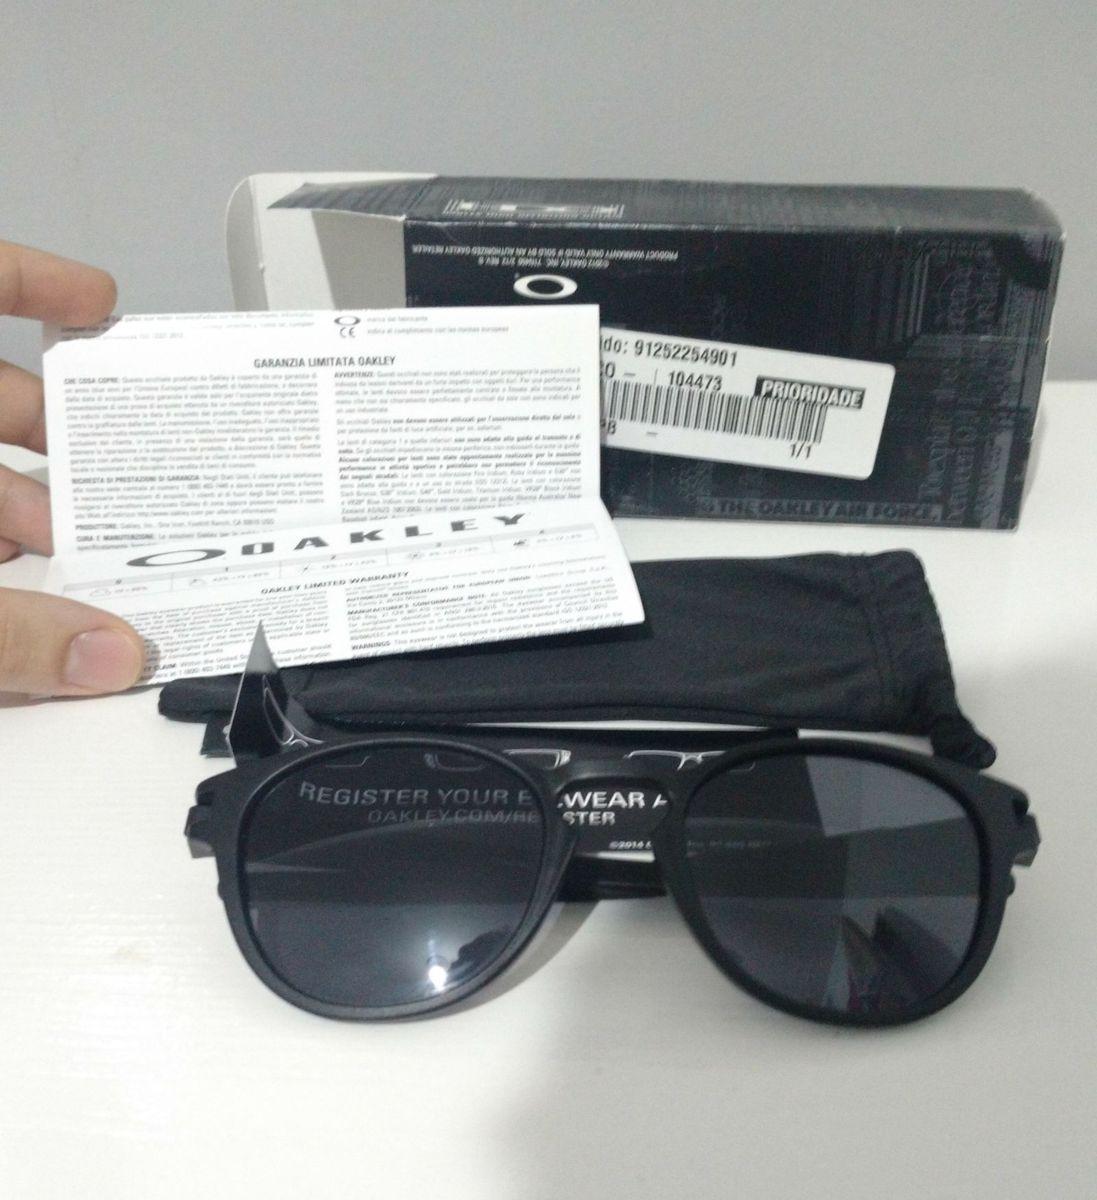 08c27bd82262f óculos oakley latch - óculos oakley.  Czm6ly9wag90b3muzw5qb2vplmnvbs5ici9wcm9kdwn0cy84odk2ndkxl2exnjc1yzgzmzy0ymzjmgmxzwixogy0nzljywrkywuzlmpwzw  ...